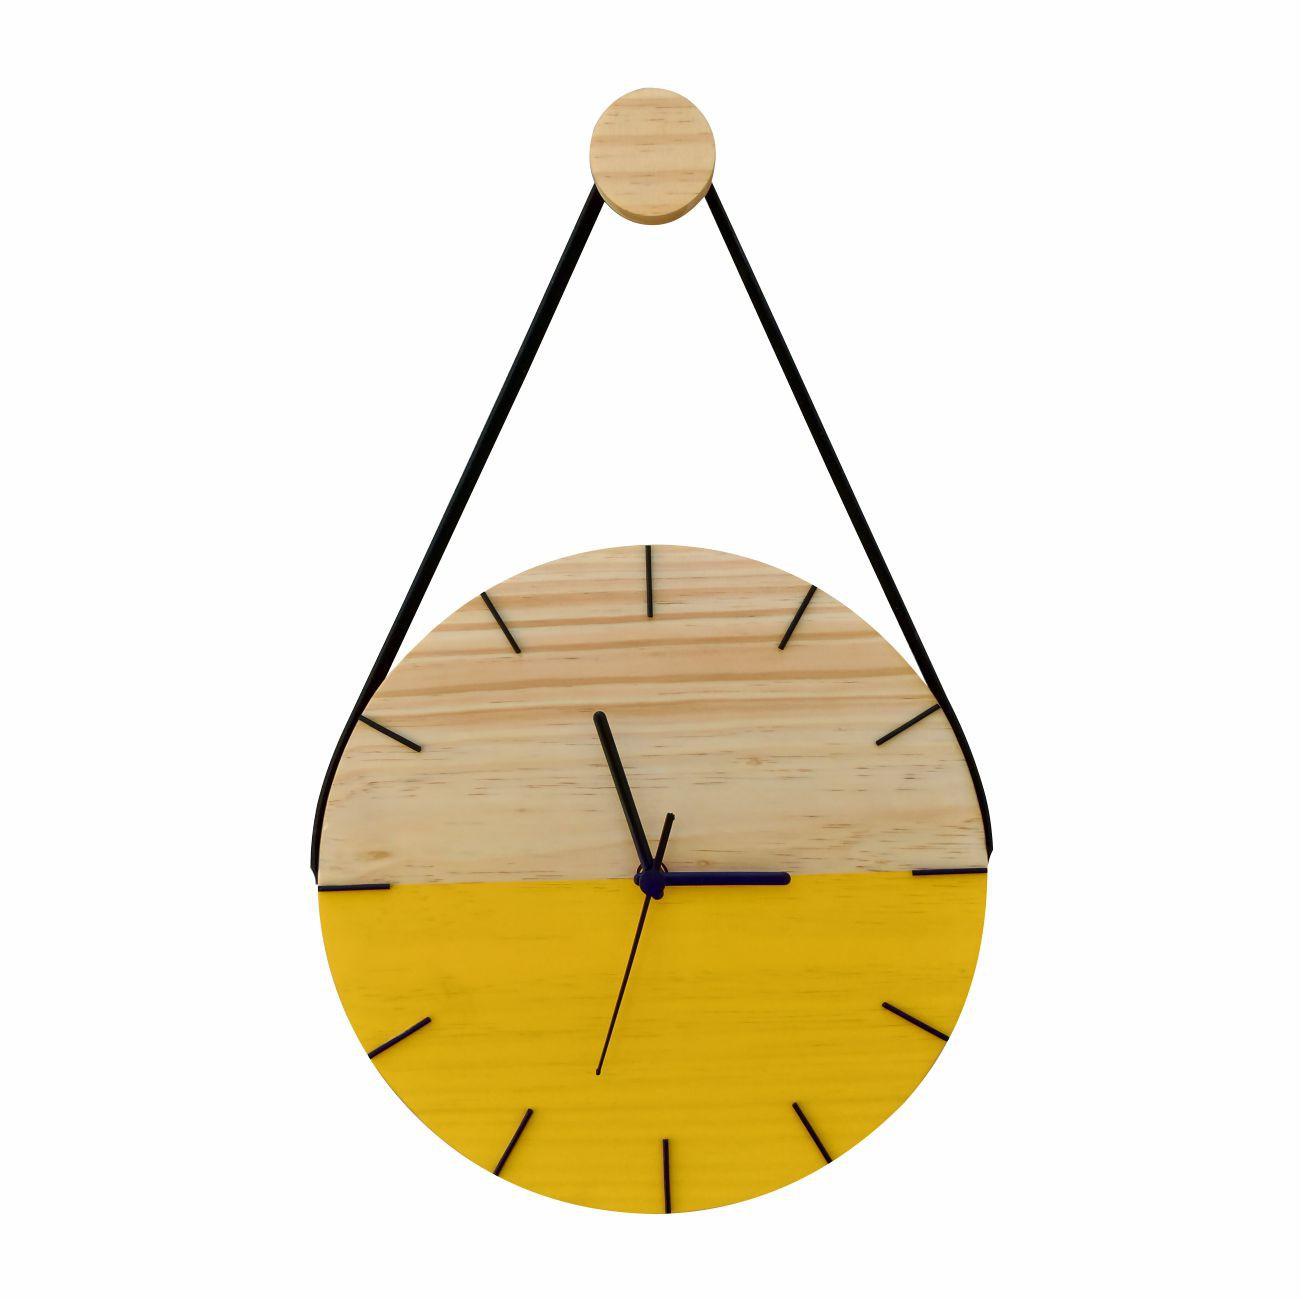 Relógio de Parede Minimalista em Madeira Amarelo com Alça